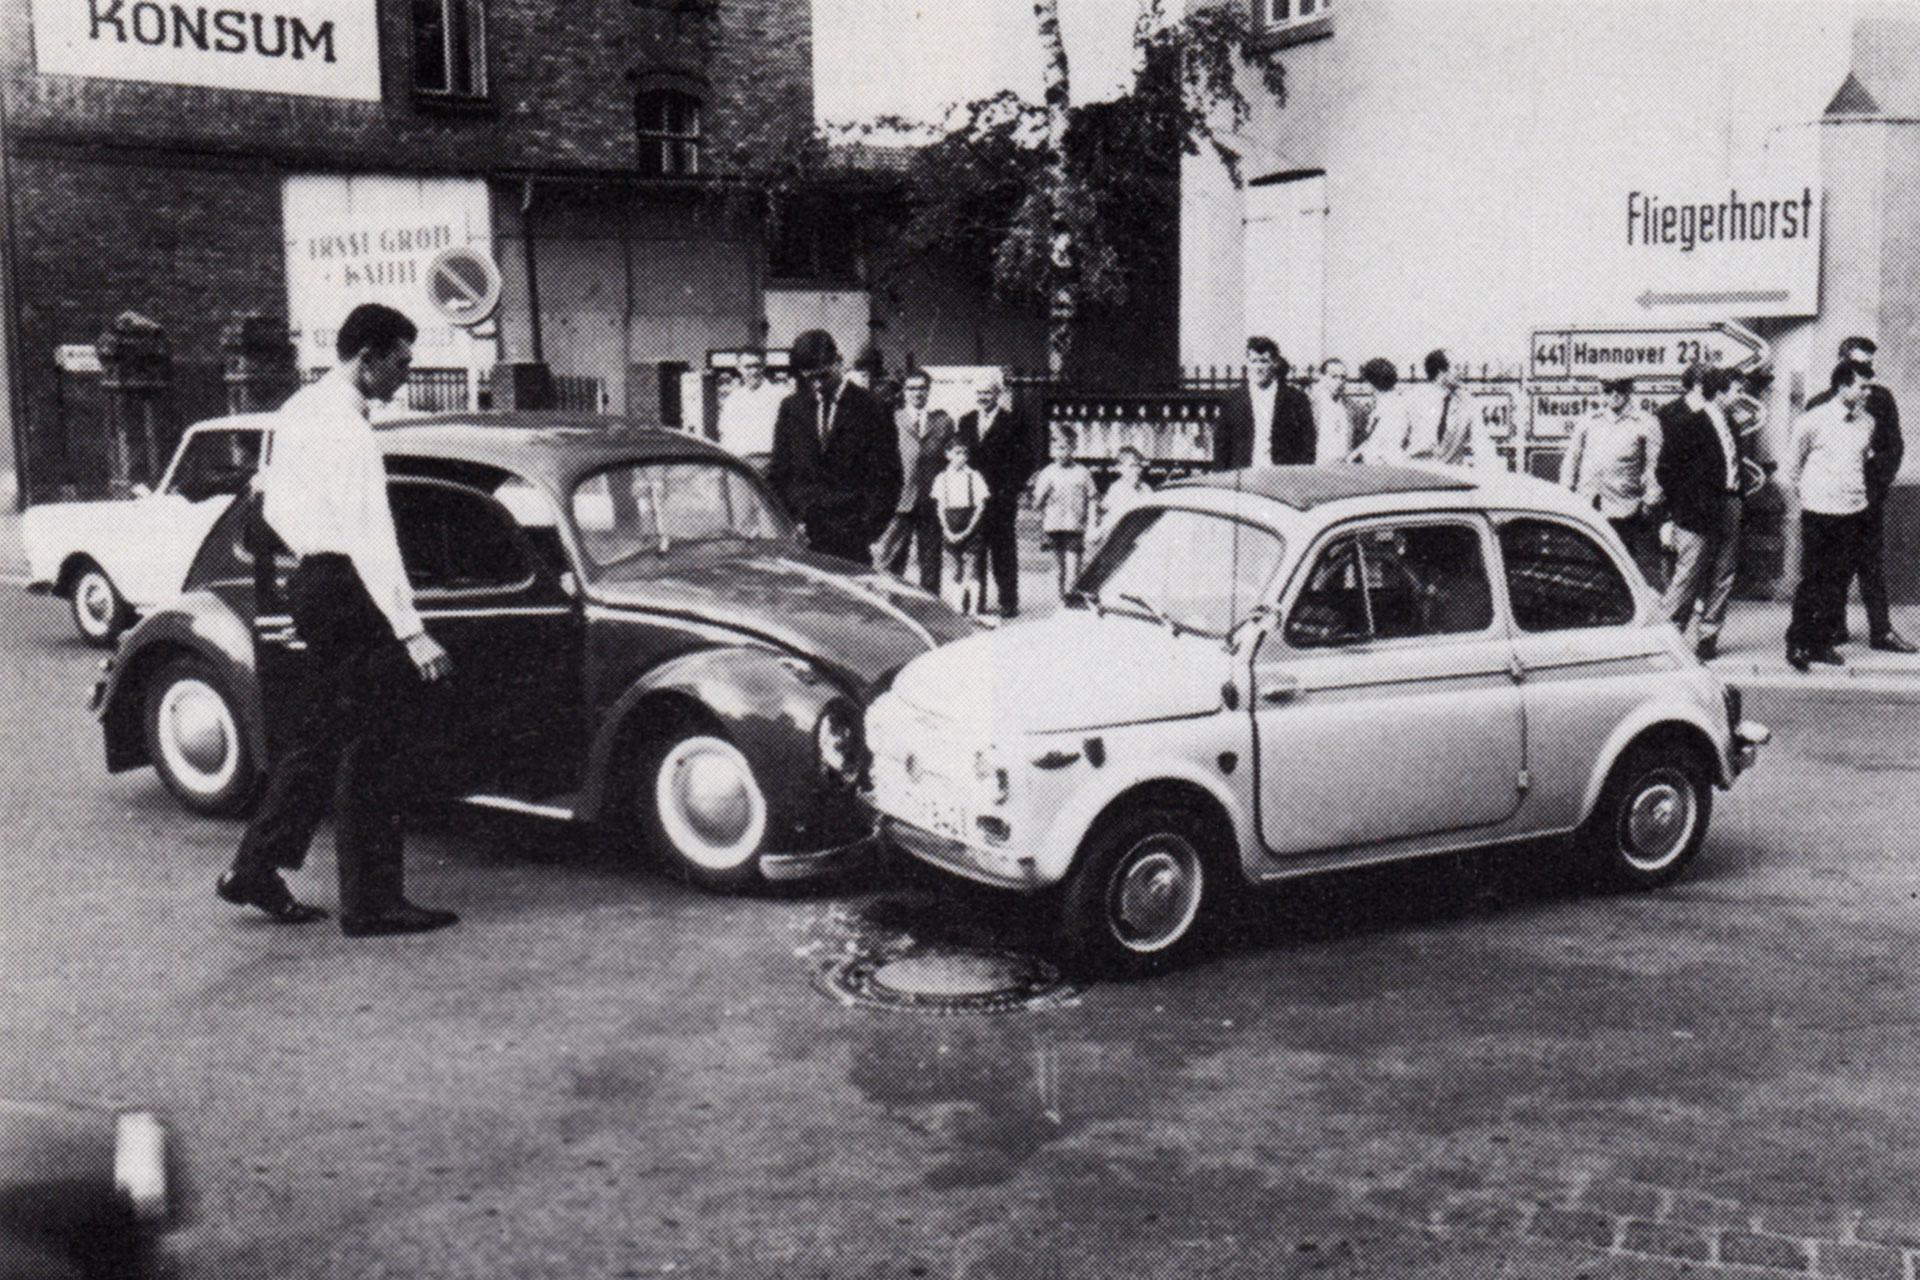 Ein VW Käfer und ein Fiat 500 krachten an der Ecke Nordstraße - Lange Straße zusammen, wo einst pausenlos Autoverkehr herrschte. Die B441 und B443, also die von Bad Nenndorf und die von Hannover, hatten hier ihren Kreuzungspunkt. | Foto: Stadtarchiv Wunstorf, Nachlass Armin Mandel